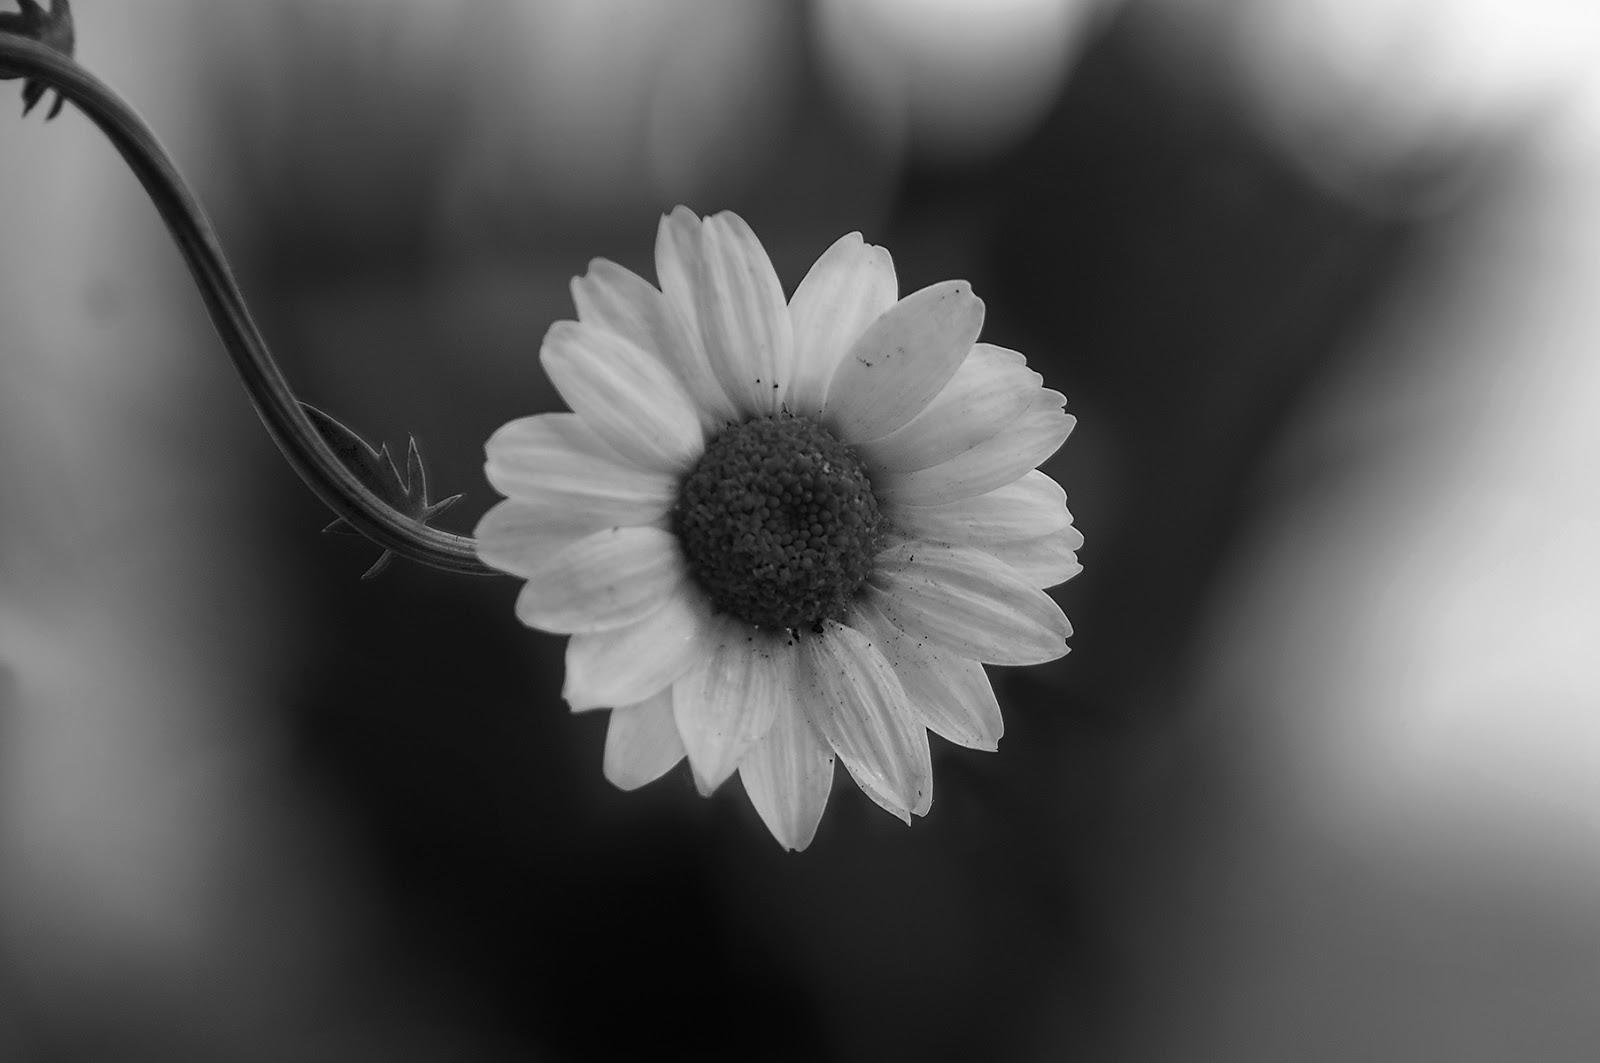 Mis encuentros blanco y negro - Blanco y negro ...